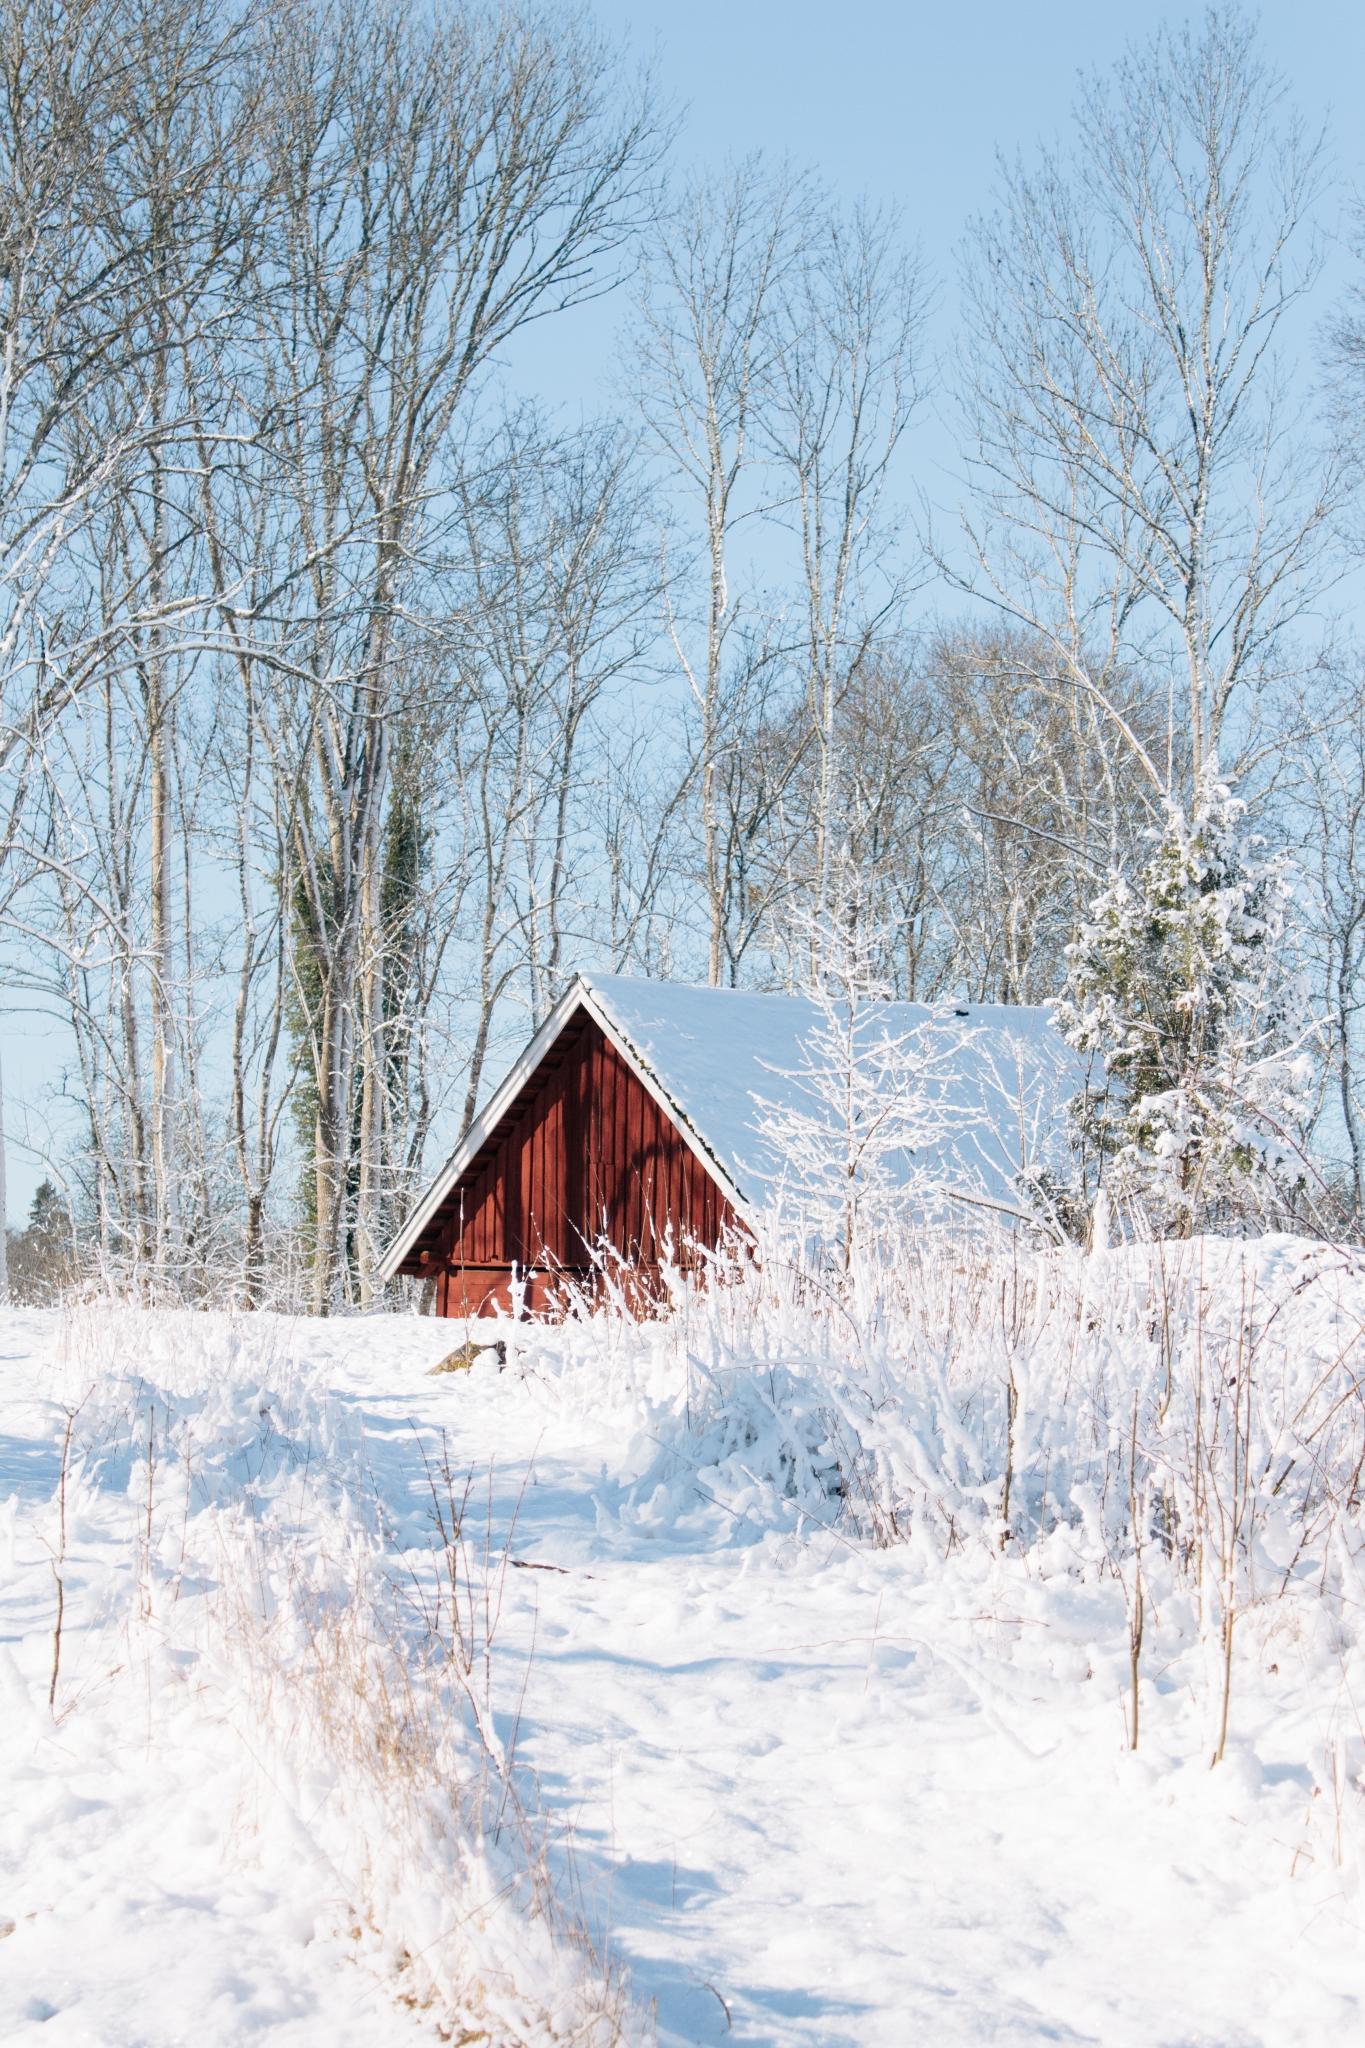 cabaña navideña